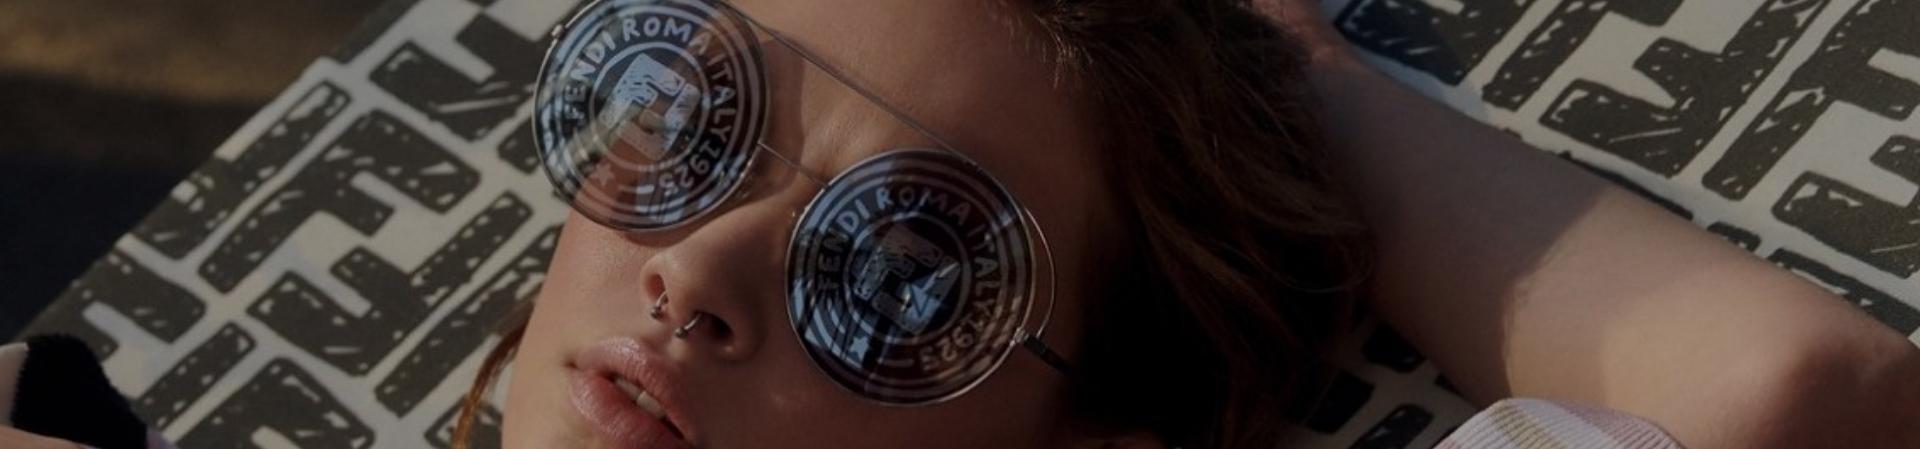 Mulher usando óculos Fendi redondo com o logo da marca estampado nas lentes